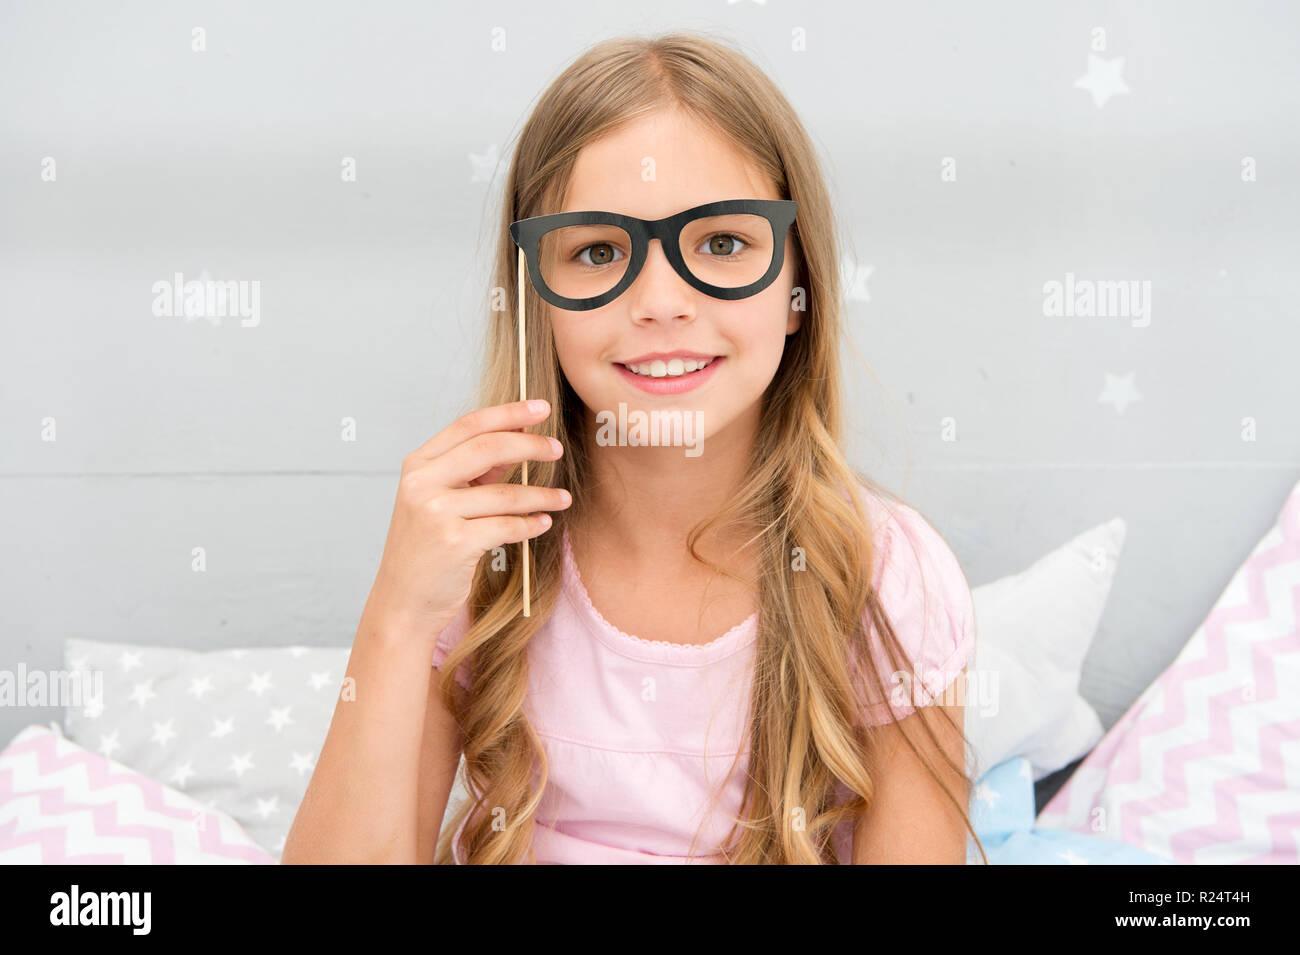 vasta selezione di f9453 79385 Pigiama Party concetto. Ragazza occhiali in pigiama party ...